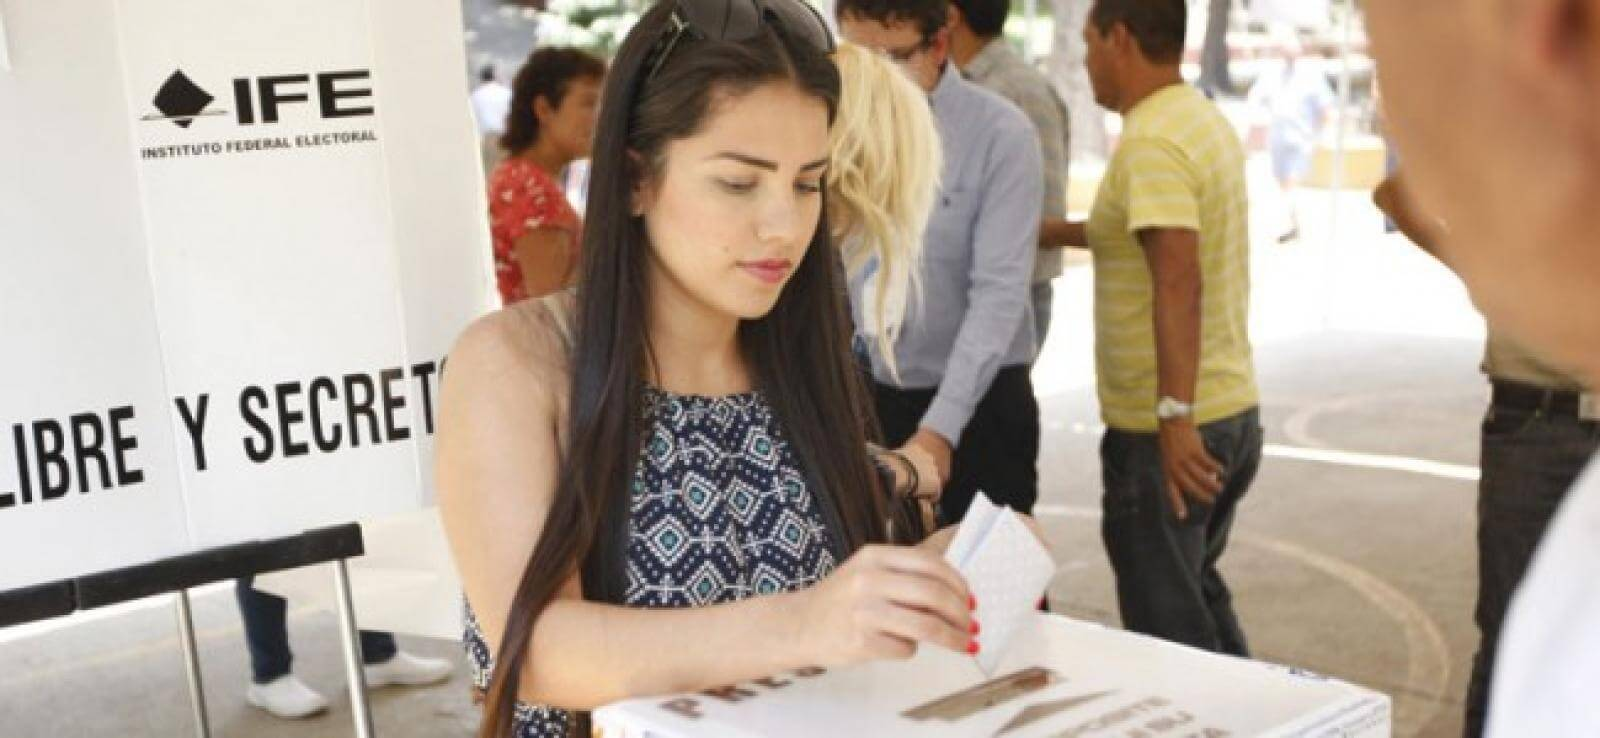 Registraduría reconocerá con diploma a jóvenes que voten por primera vez